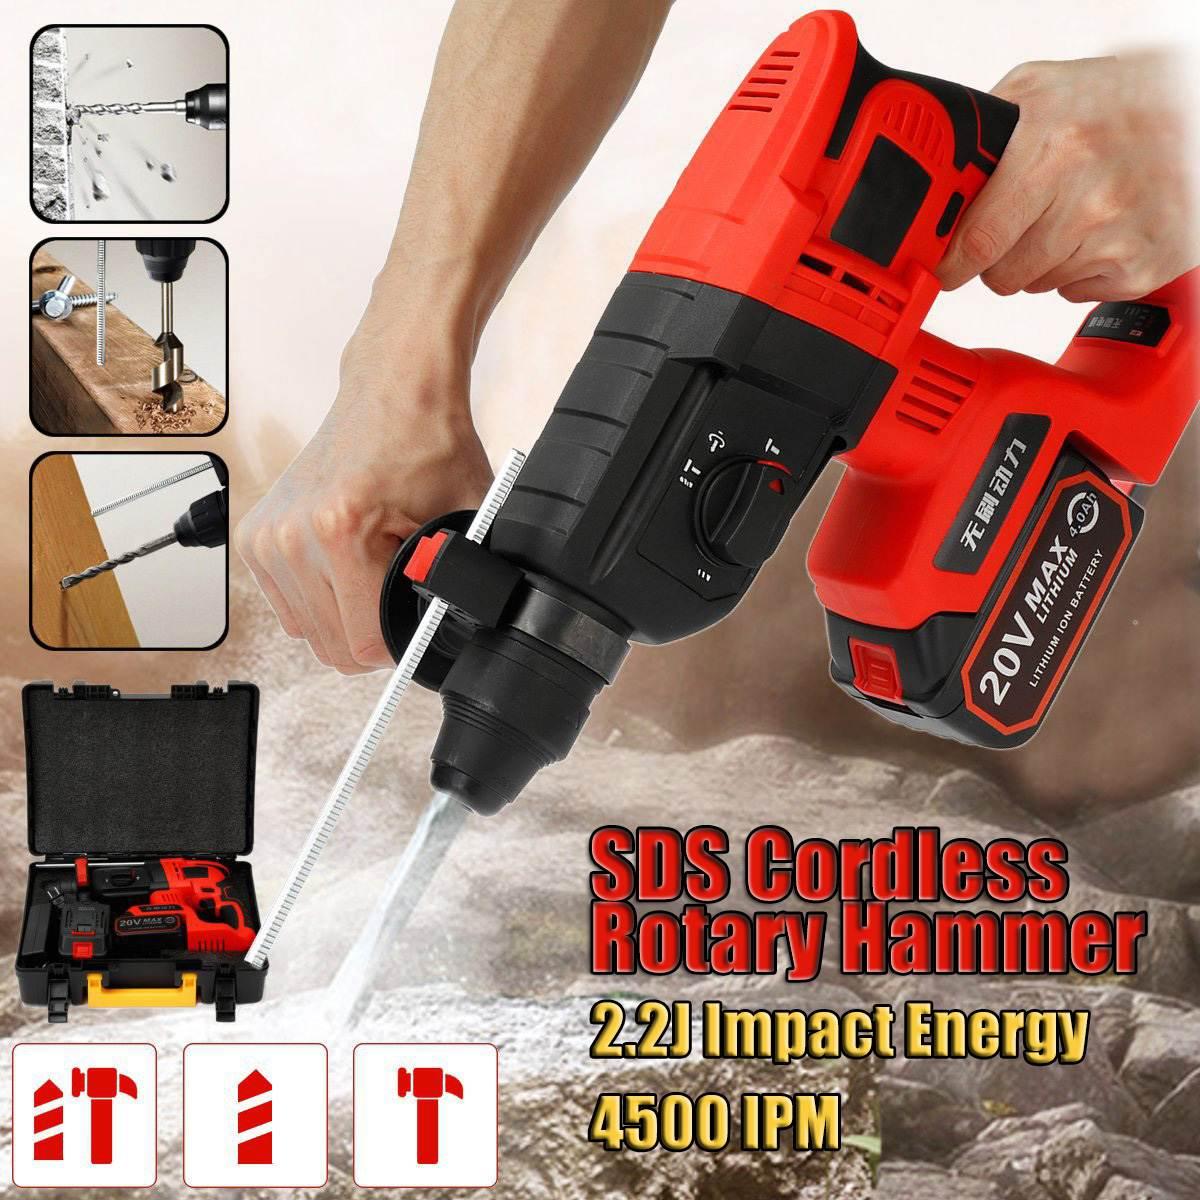 Betrouwbare Oplaadbare Multifunctionele Elektrische Cordless Hamer 4ah 20 V Impact Elektrische Boor Schroevendraaier Sds Power Tool 1/2 Li- Batterij